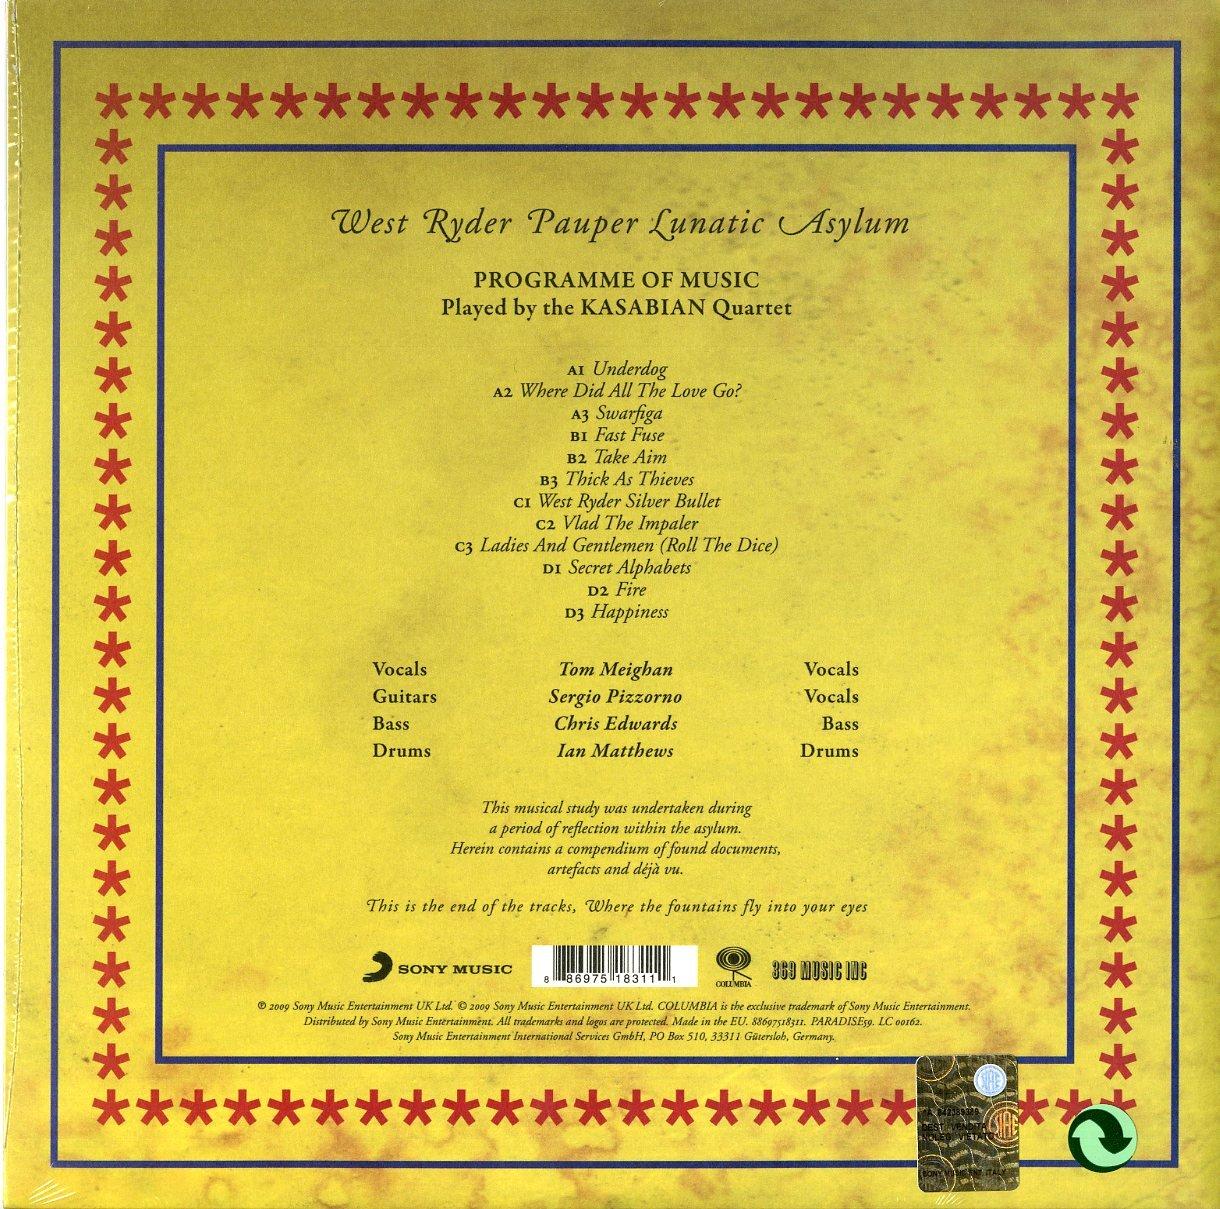 West Ryder Pauper Lunat Asylum [Vinyl] by VINYL